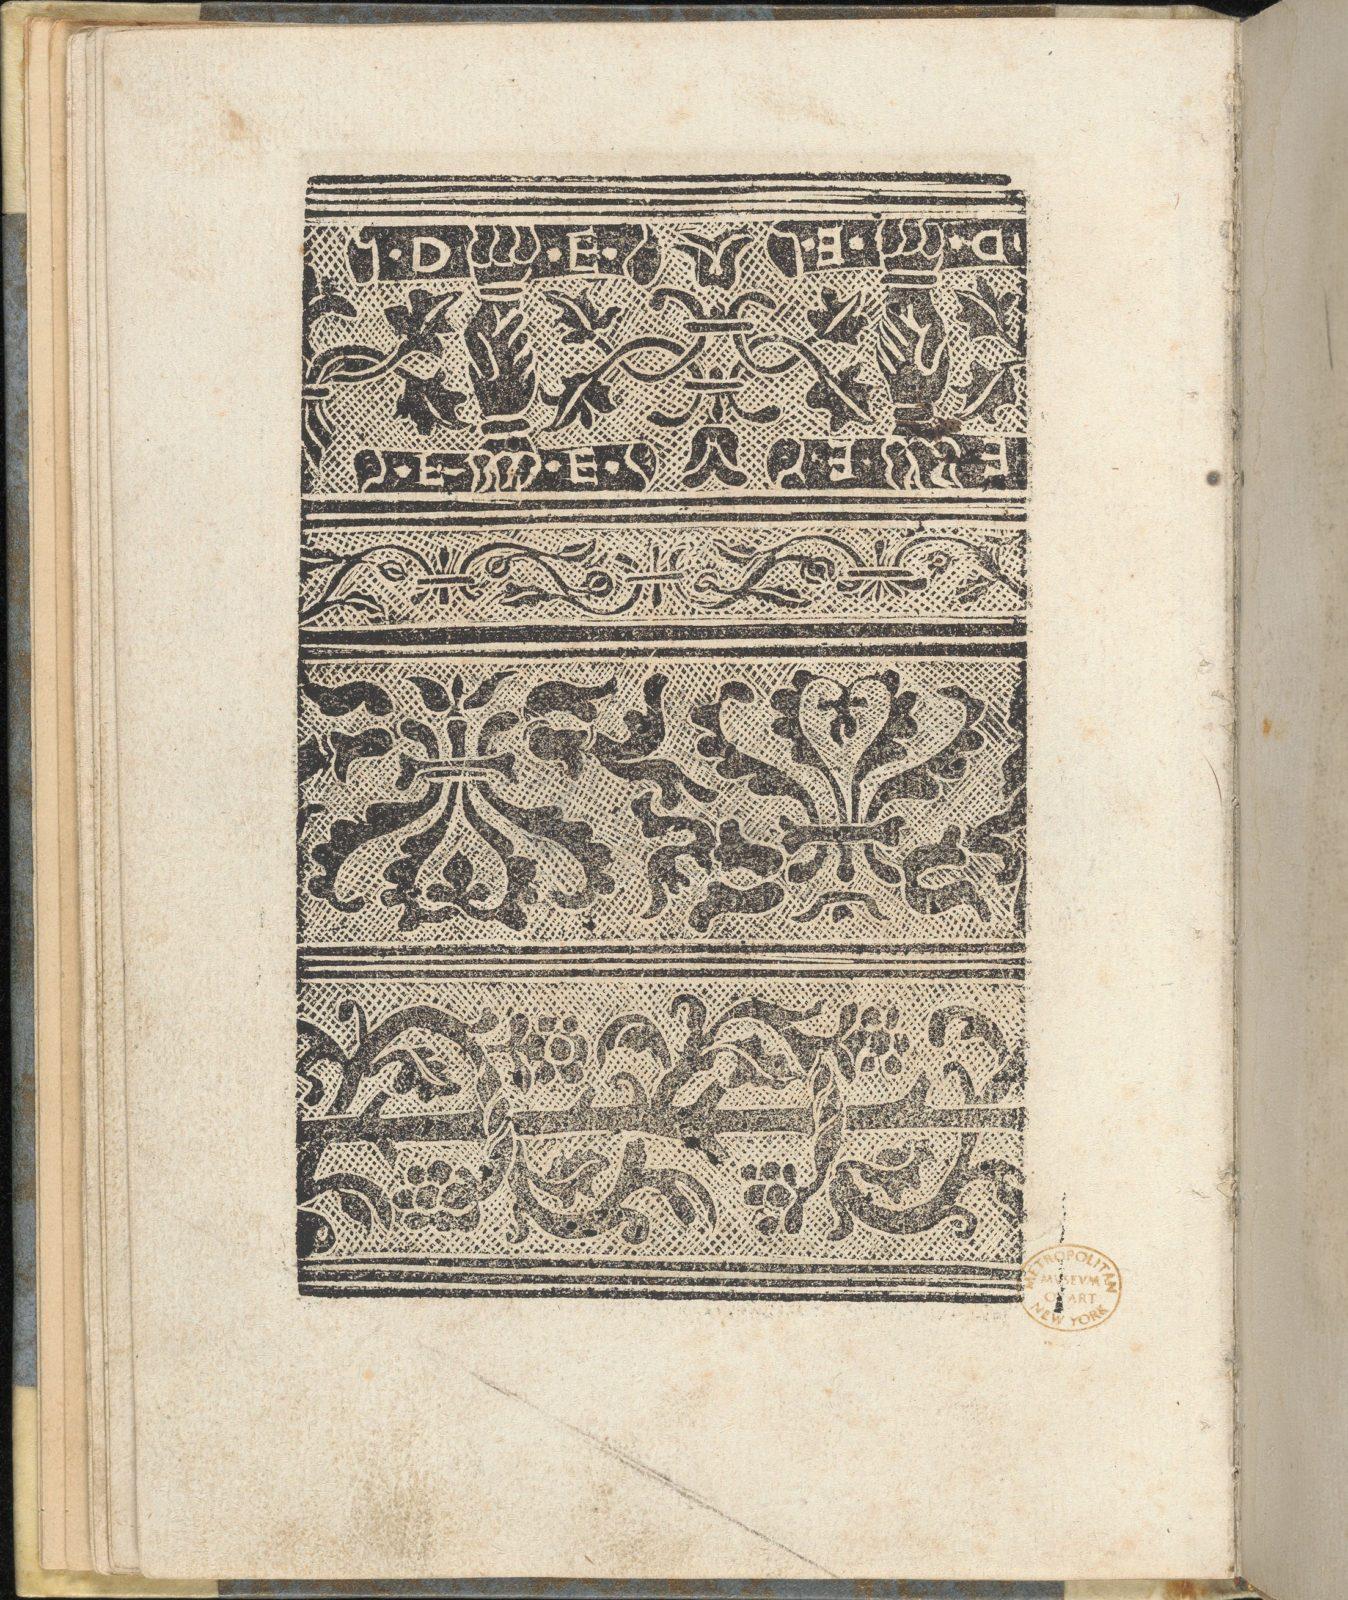 Ein ney Furmbüchlein, Page 17, verso